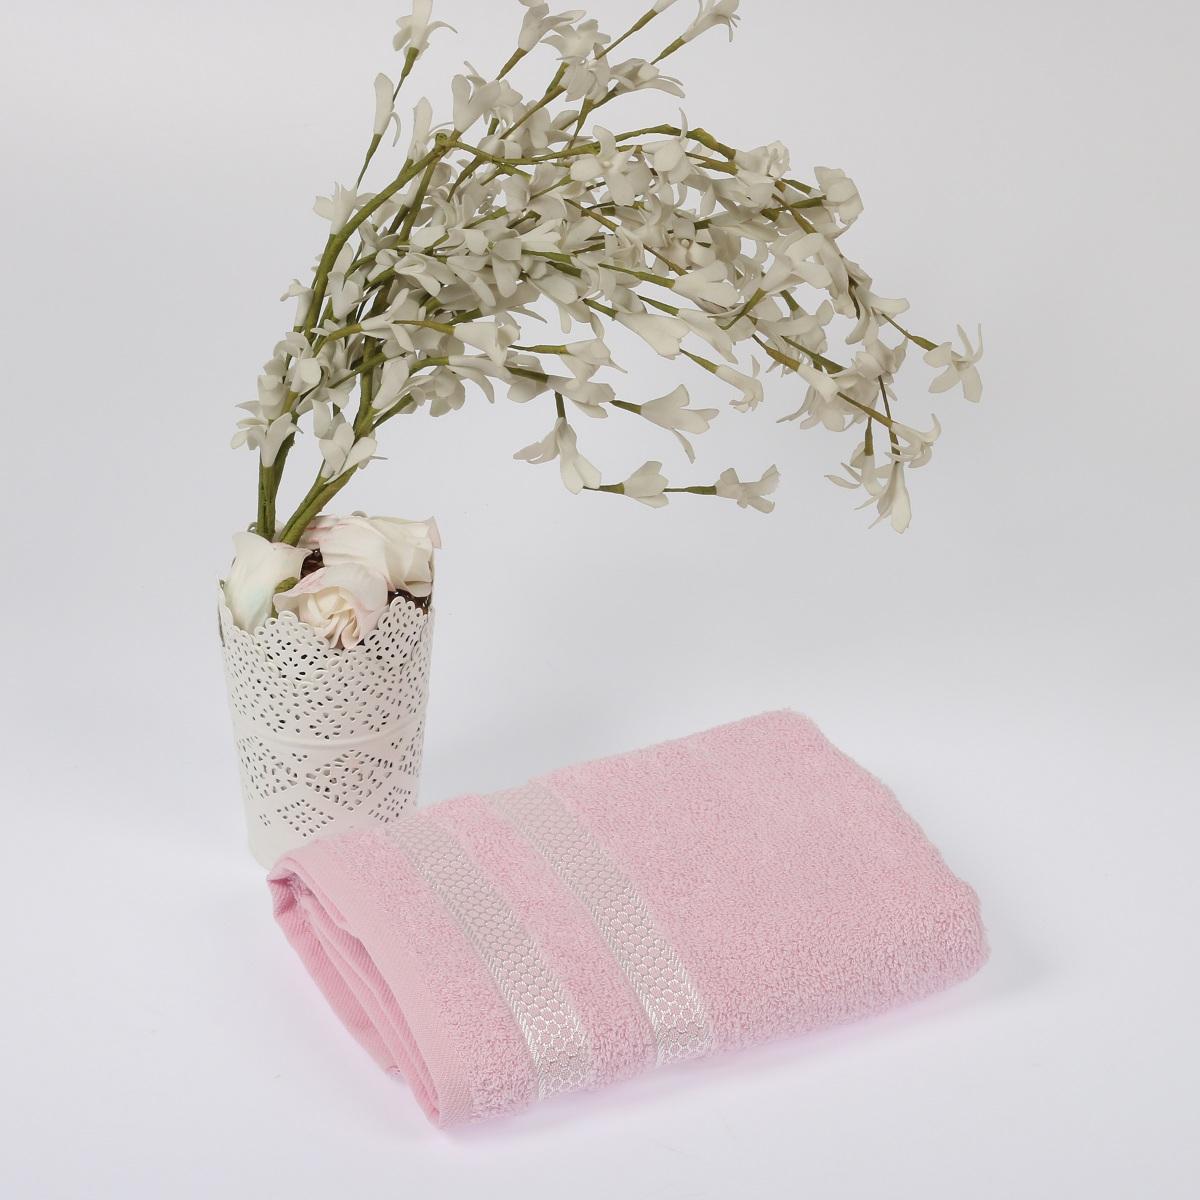 Набор махровых полотенец Karna Modalin Petek, цвет: розовый, 50 х 90 см, 4 шт1956/CHAR008Набор Karna Modalin Petek состоит из 4 махровых полотенец, выполненных из натурального 100% хлопка. Изделия отлично впитывают влагу, быстро сохнут, сохраняют яркость цвета и не теряют формы даже после многократных стирок. Размер полотенца: 50 х 90 см. Комплектация: 4 шт.